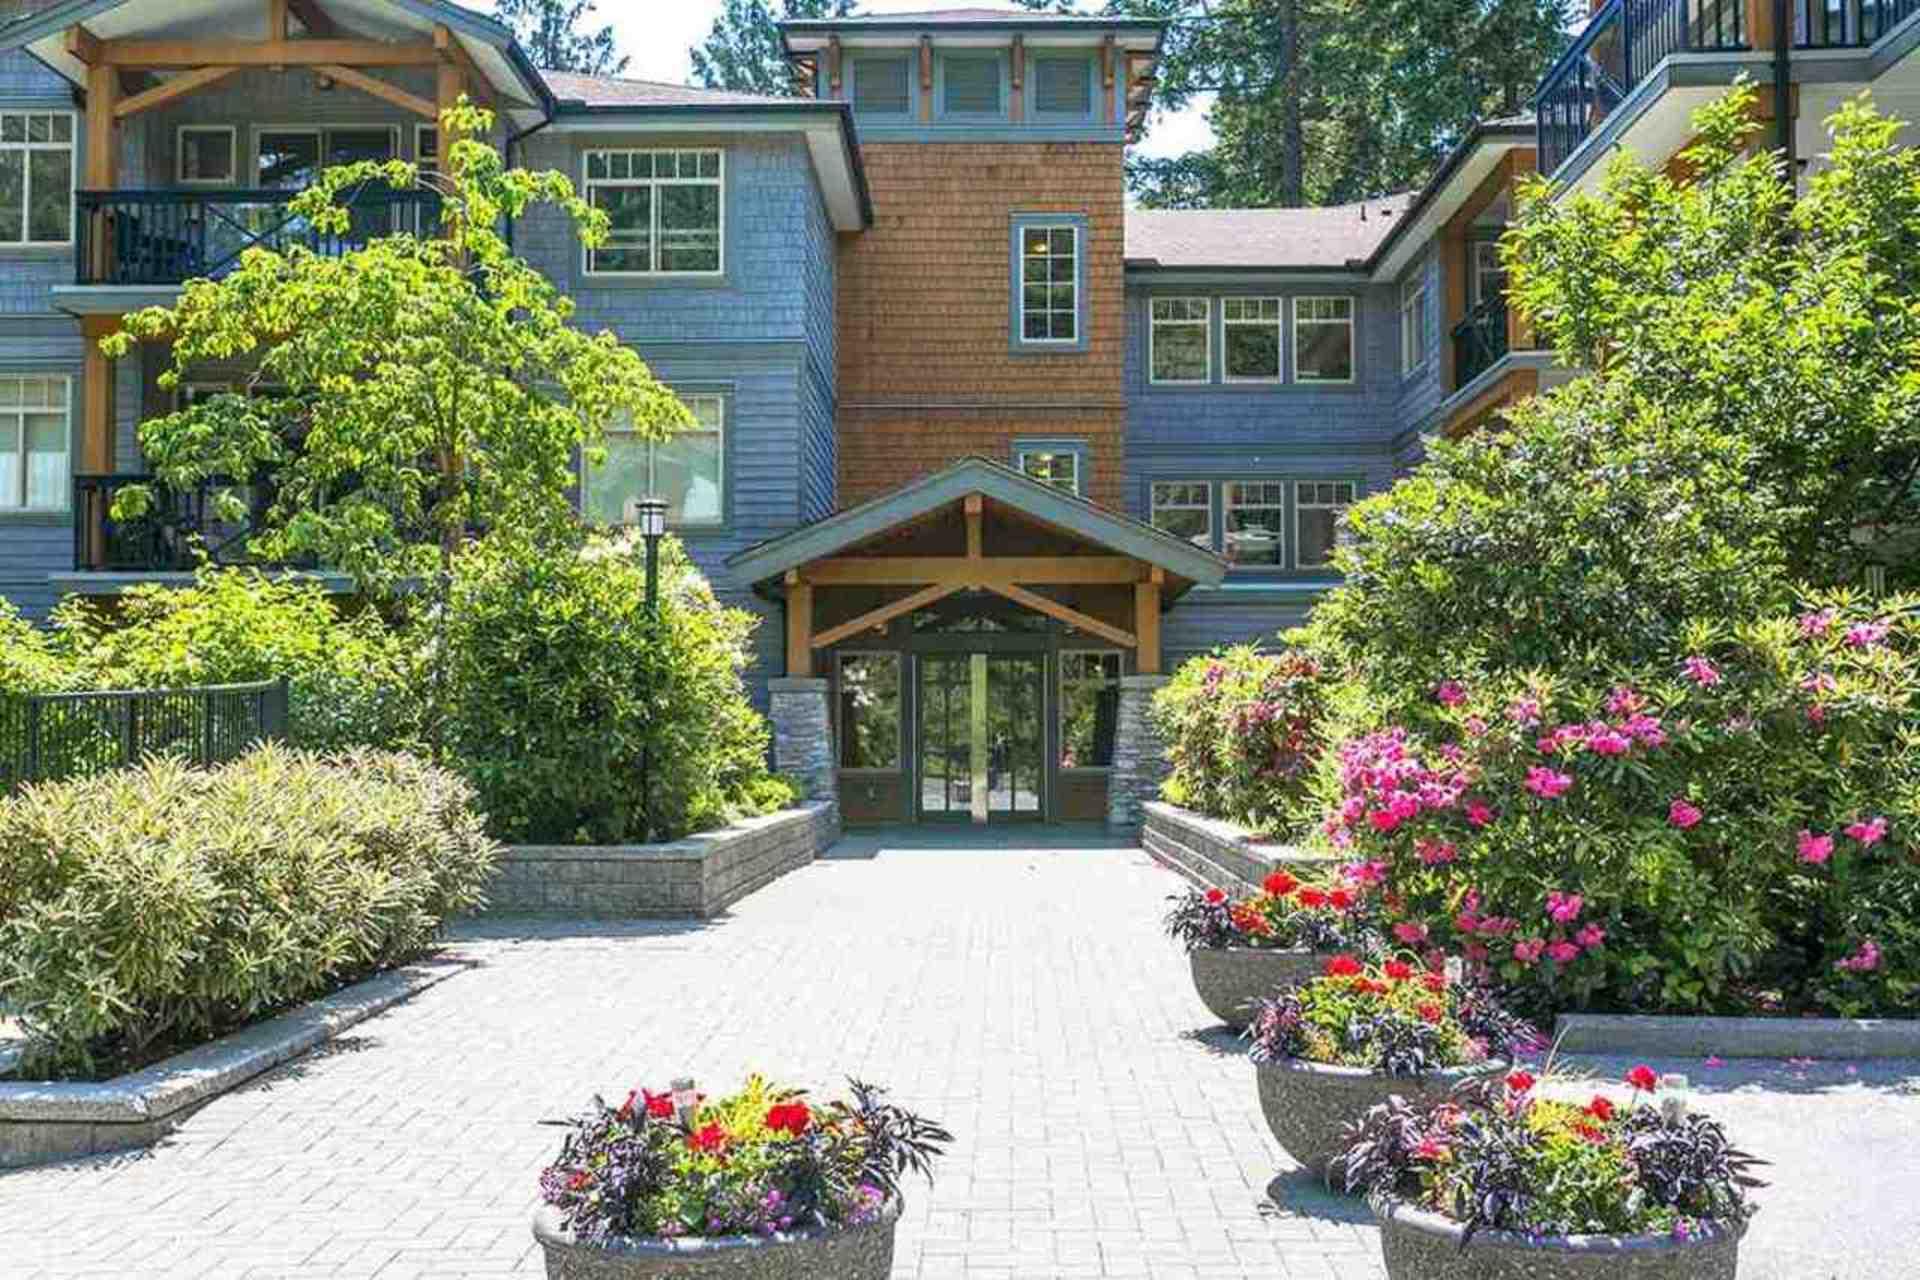 3125-capilano-crescent-capilano-nv-north-vancouver-19 at 109 - 3125 Capilano Crescent, Capilano NV, North Vancouver